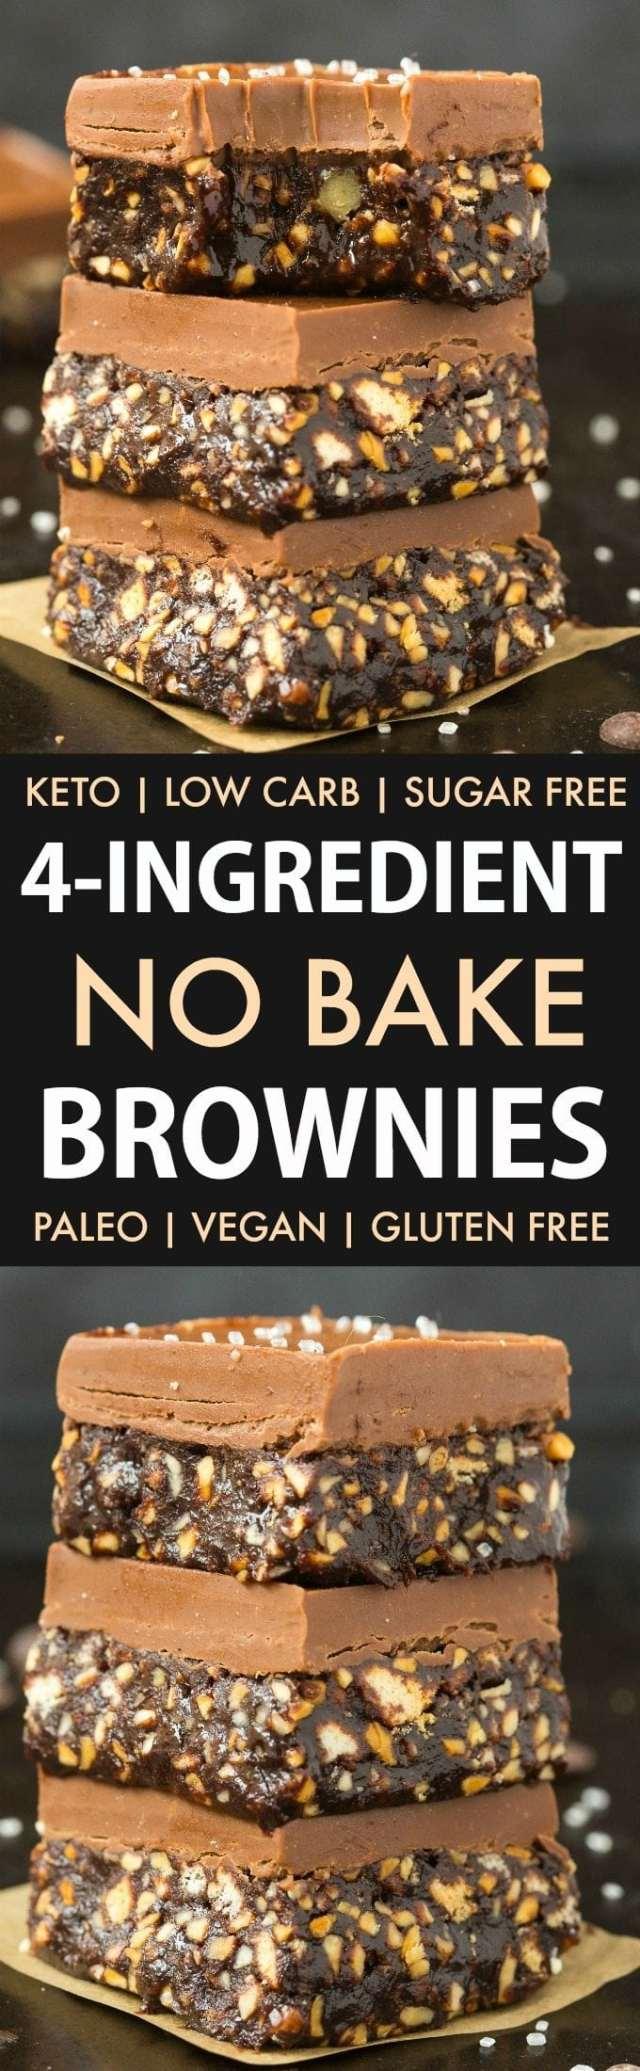 4-Ingredient No Bake Brownies